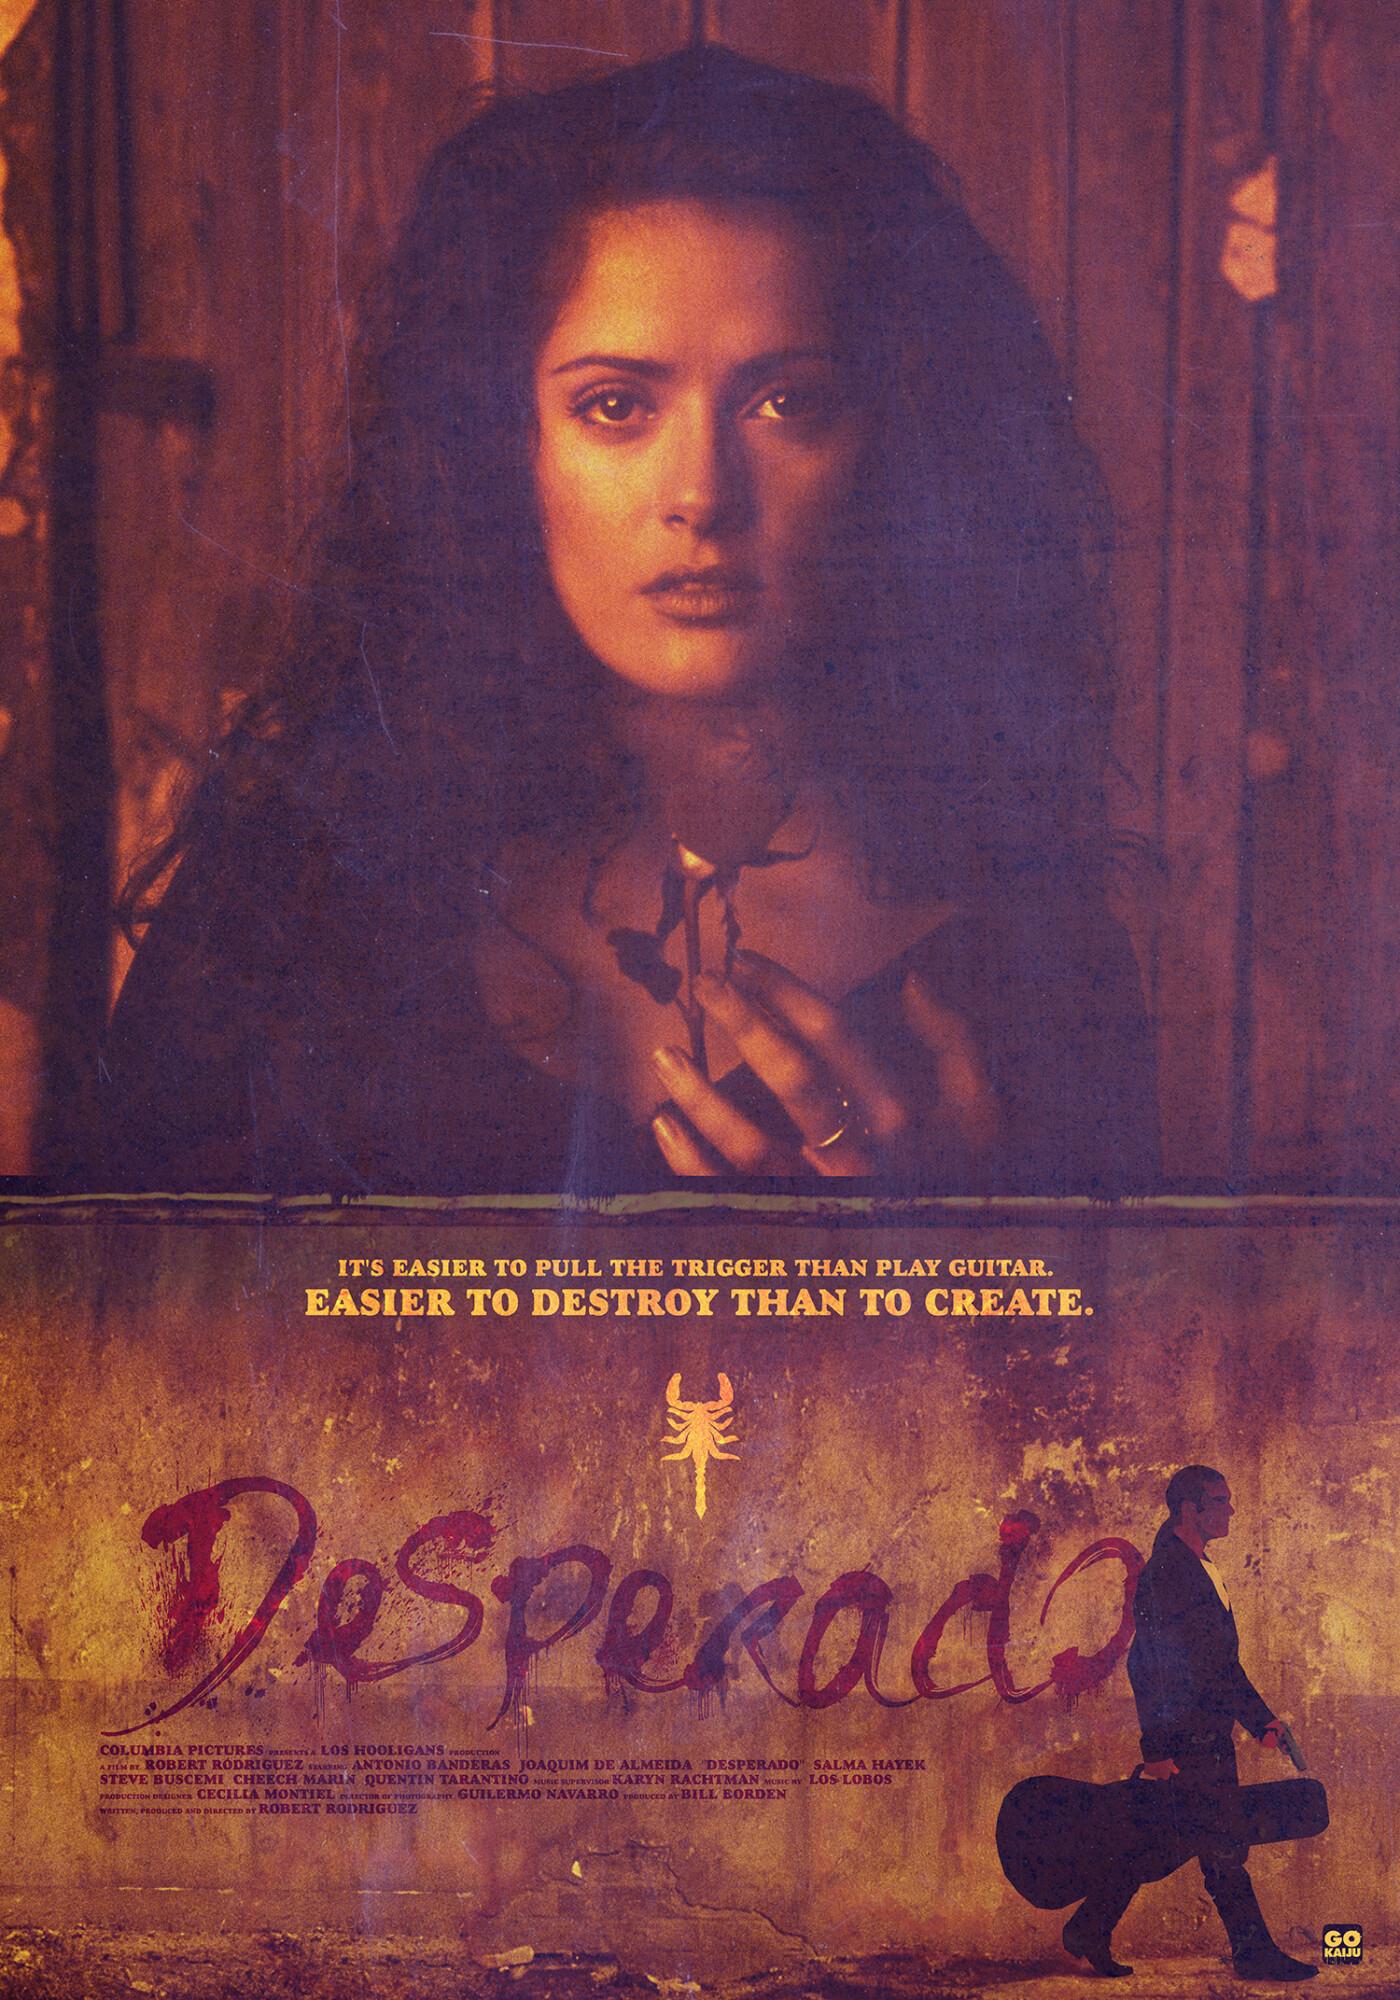 Desperado Posterspy